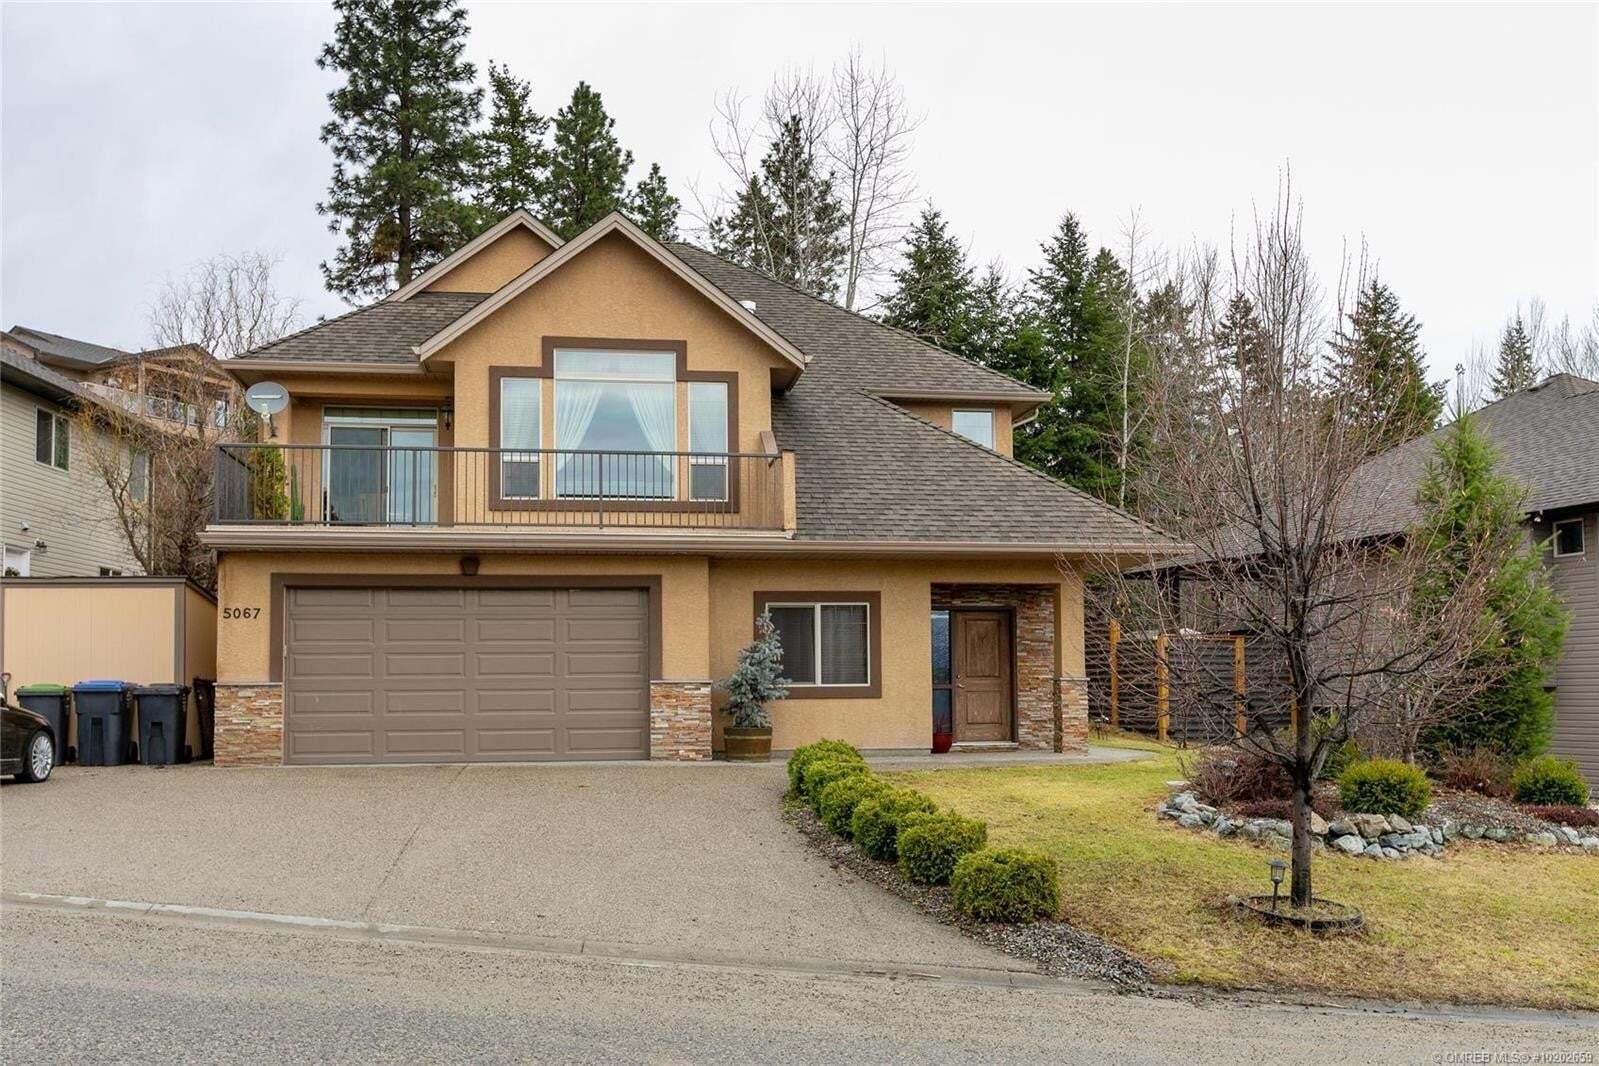 House for sale at 5067 Seon Cres Kelowna British Columbia - MLS: 10202659